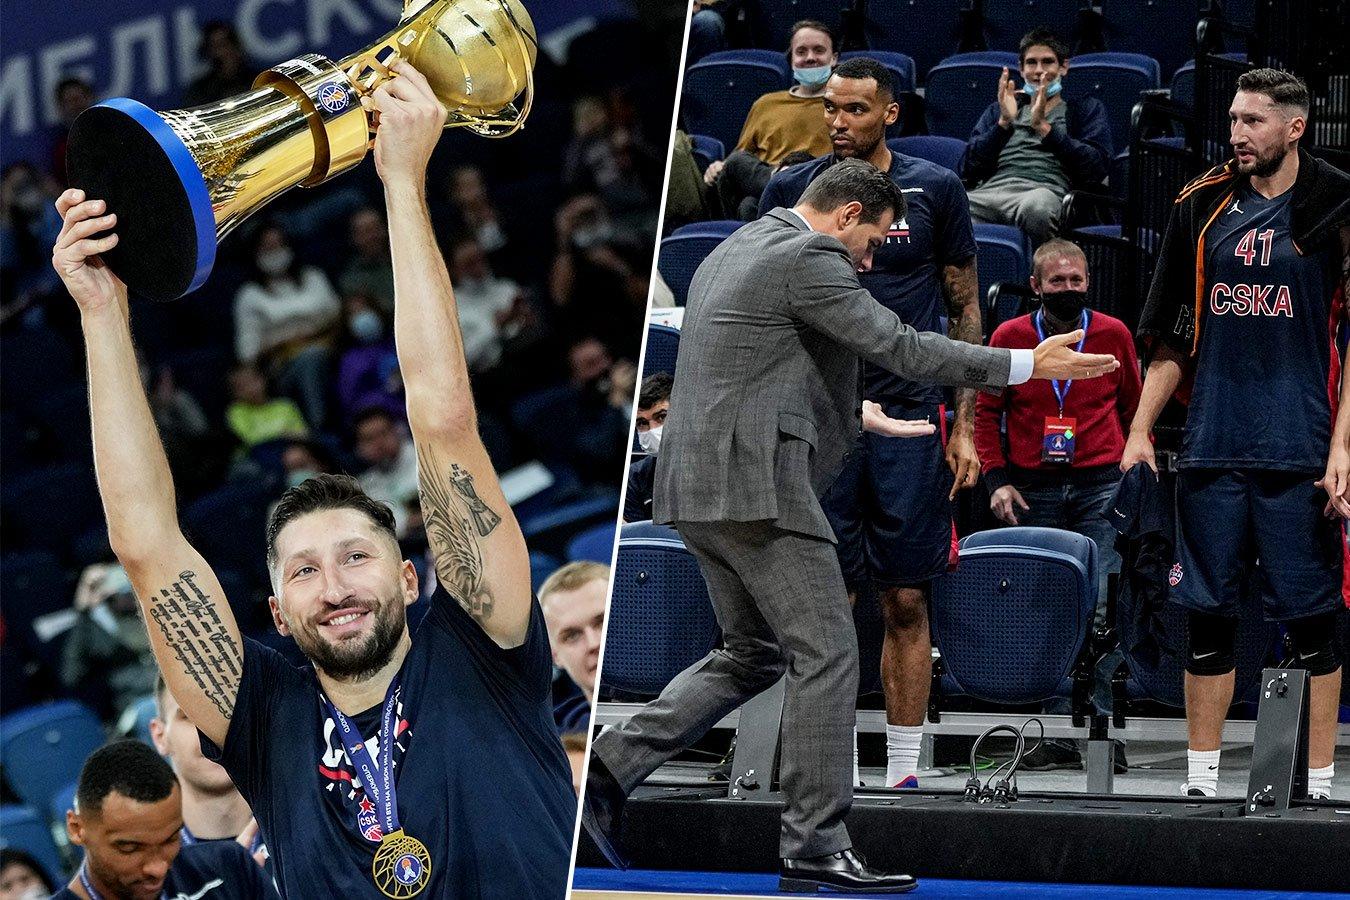 Курбанов праздновал с кубком, Итудис помогал поднимать рекламный щит. Фото победы ЦСКА